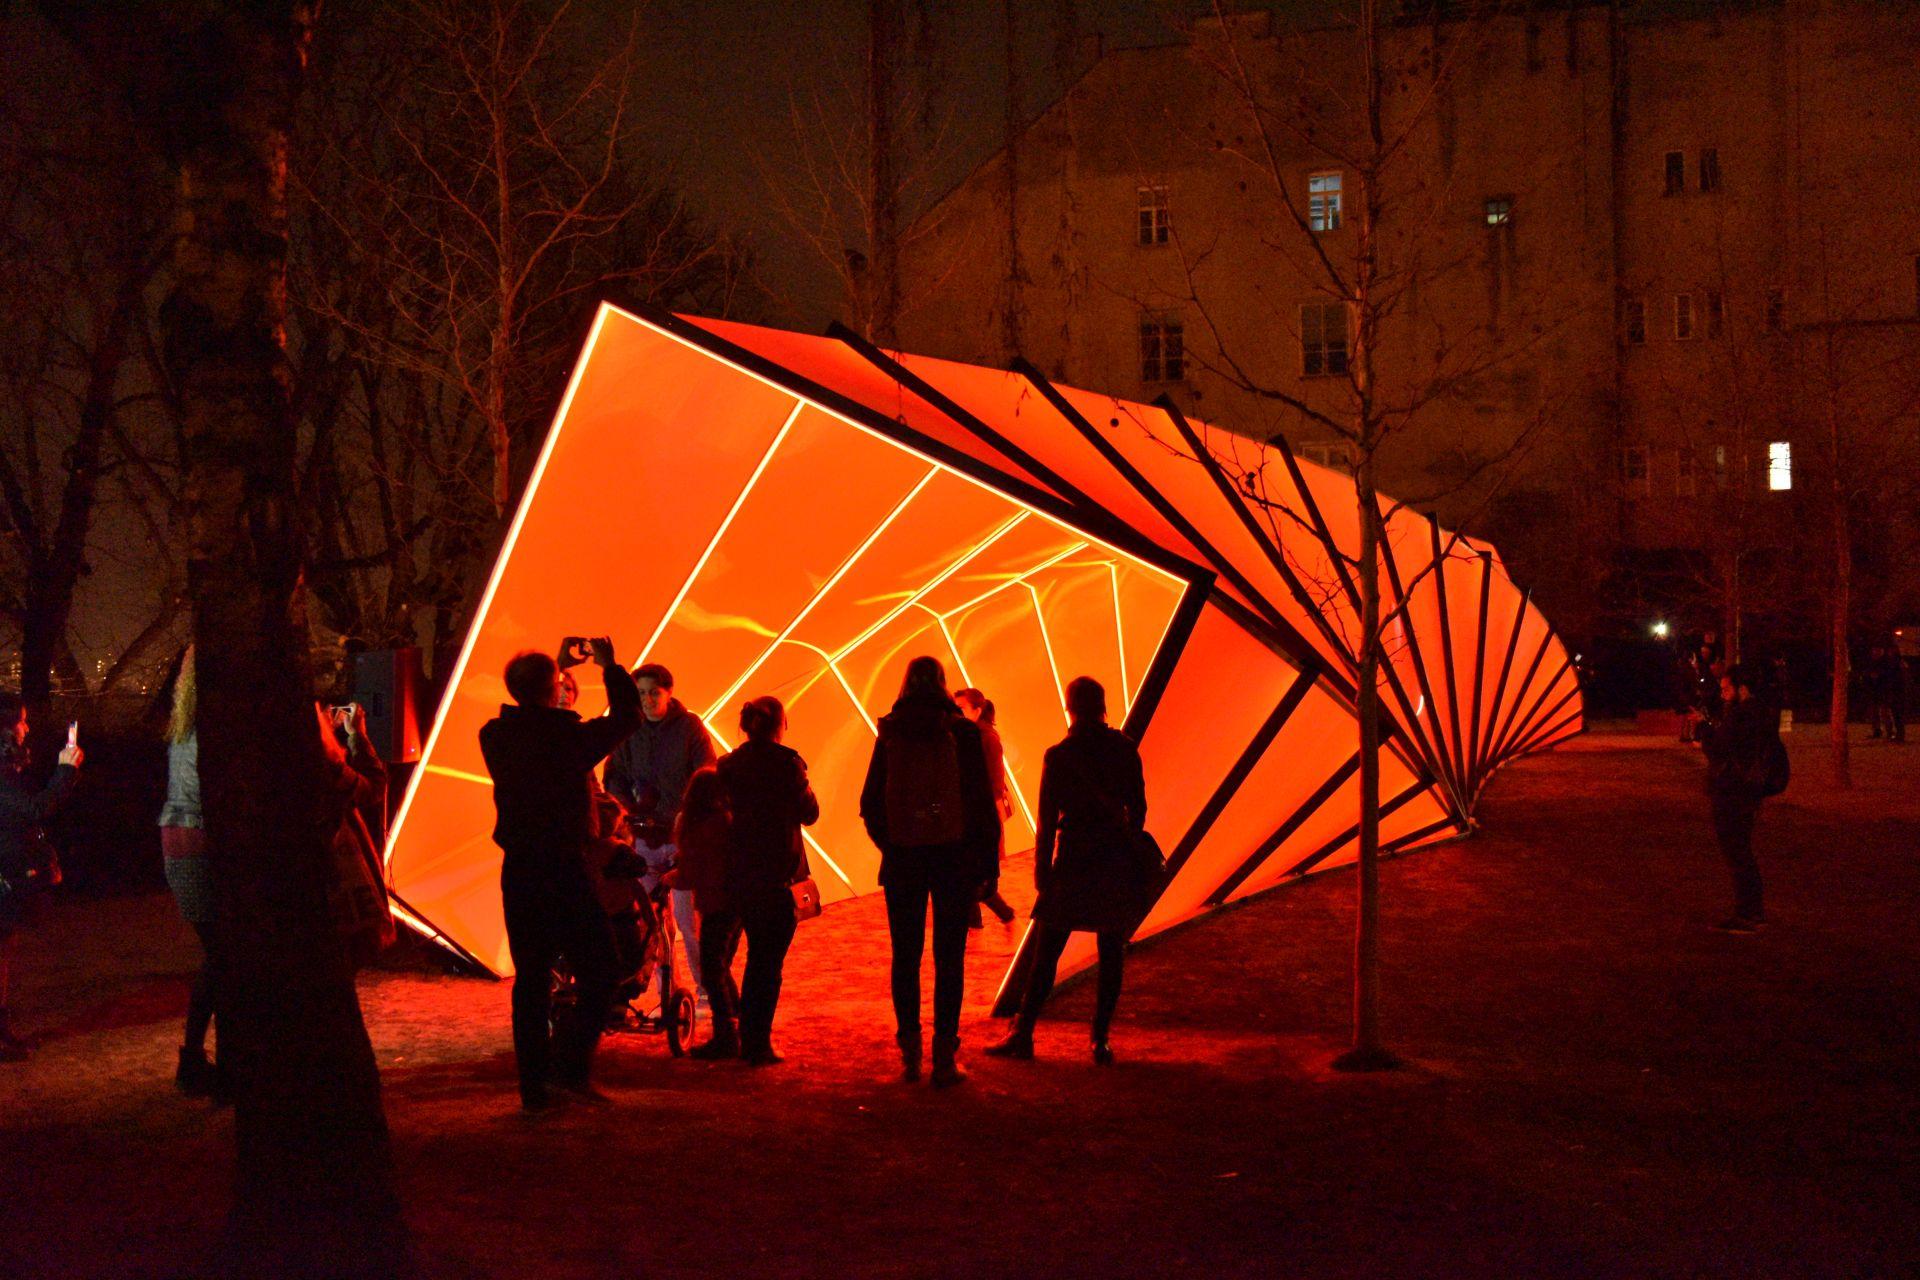 festival svjetla, twisted, konstrukcija, skira, park bele IV, zagreb, hrvatska, croatia, upi-2m